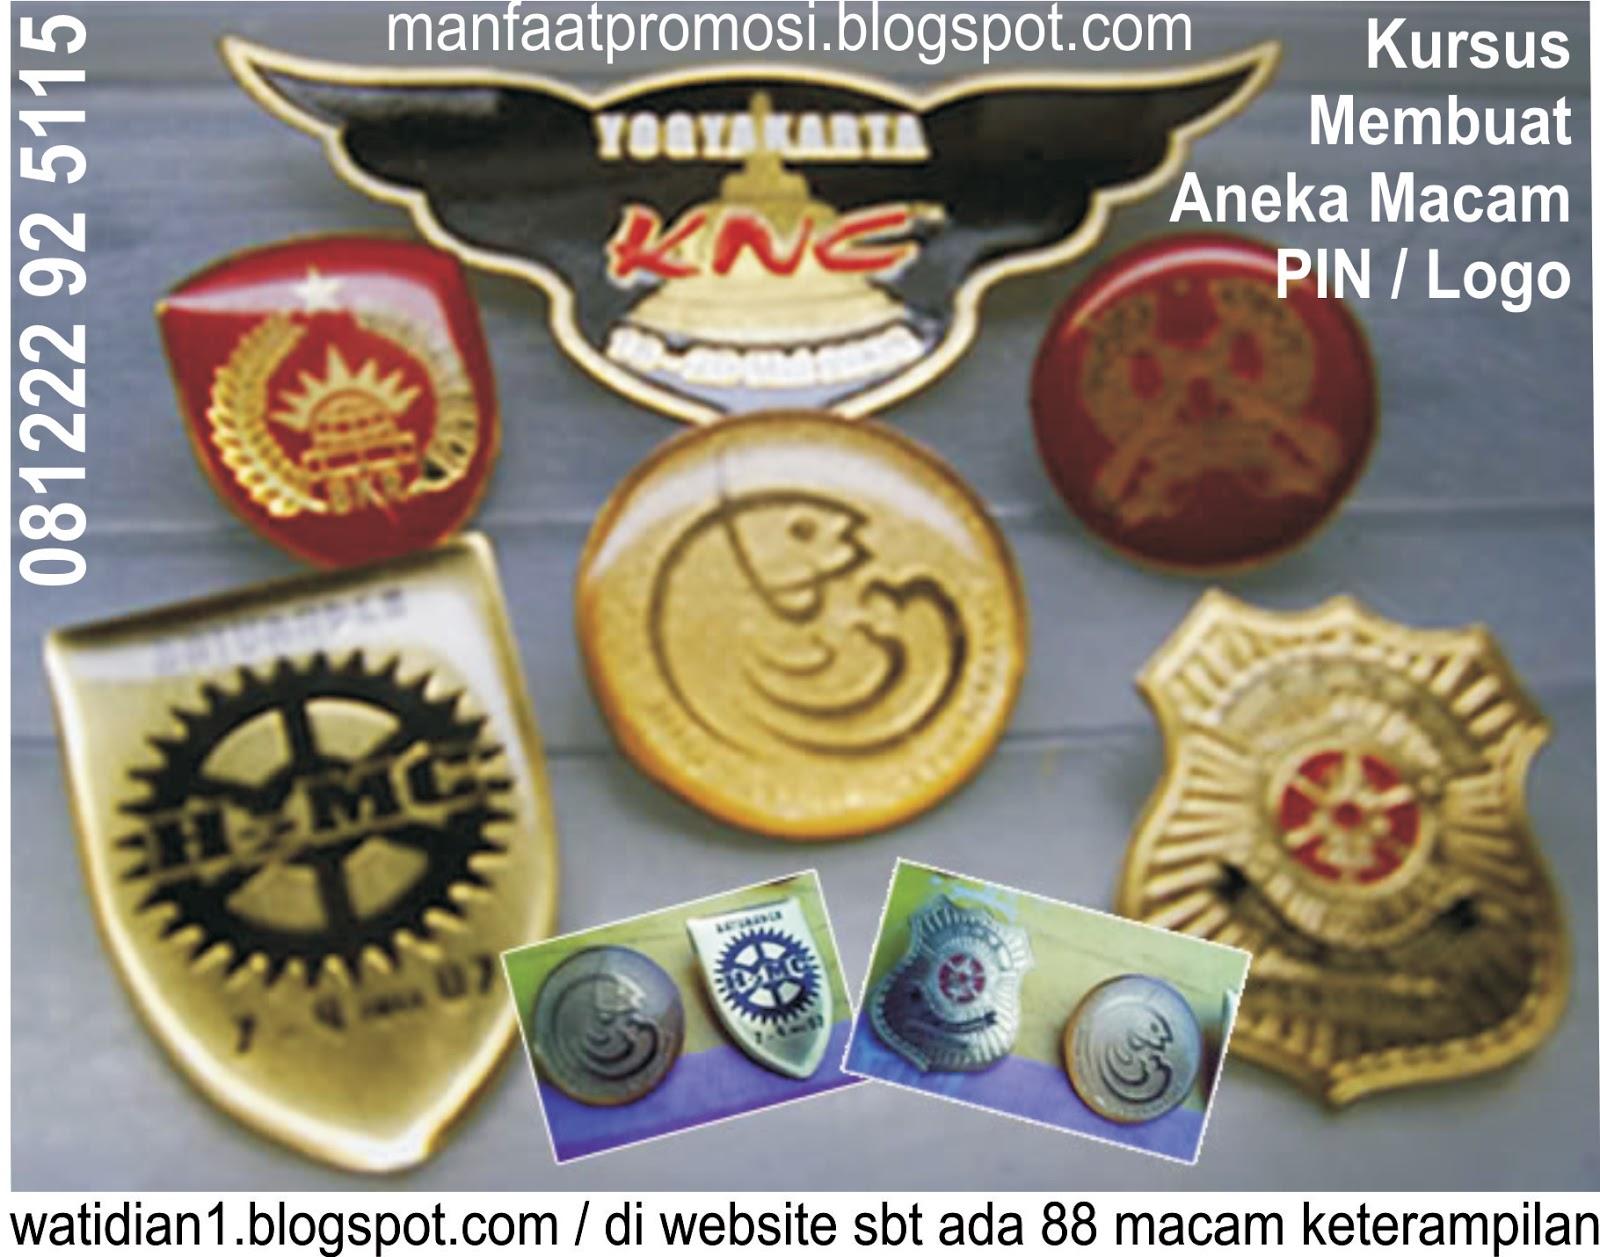 Gantungan kunci karet Sablon kaos dan gelas Percetakan Gantungan kunci karet PIN Bank